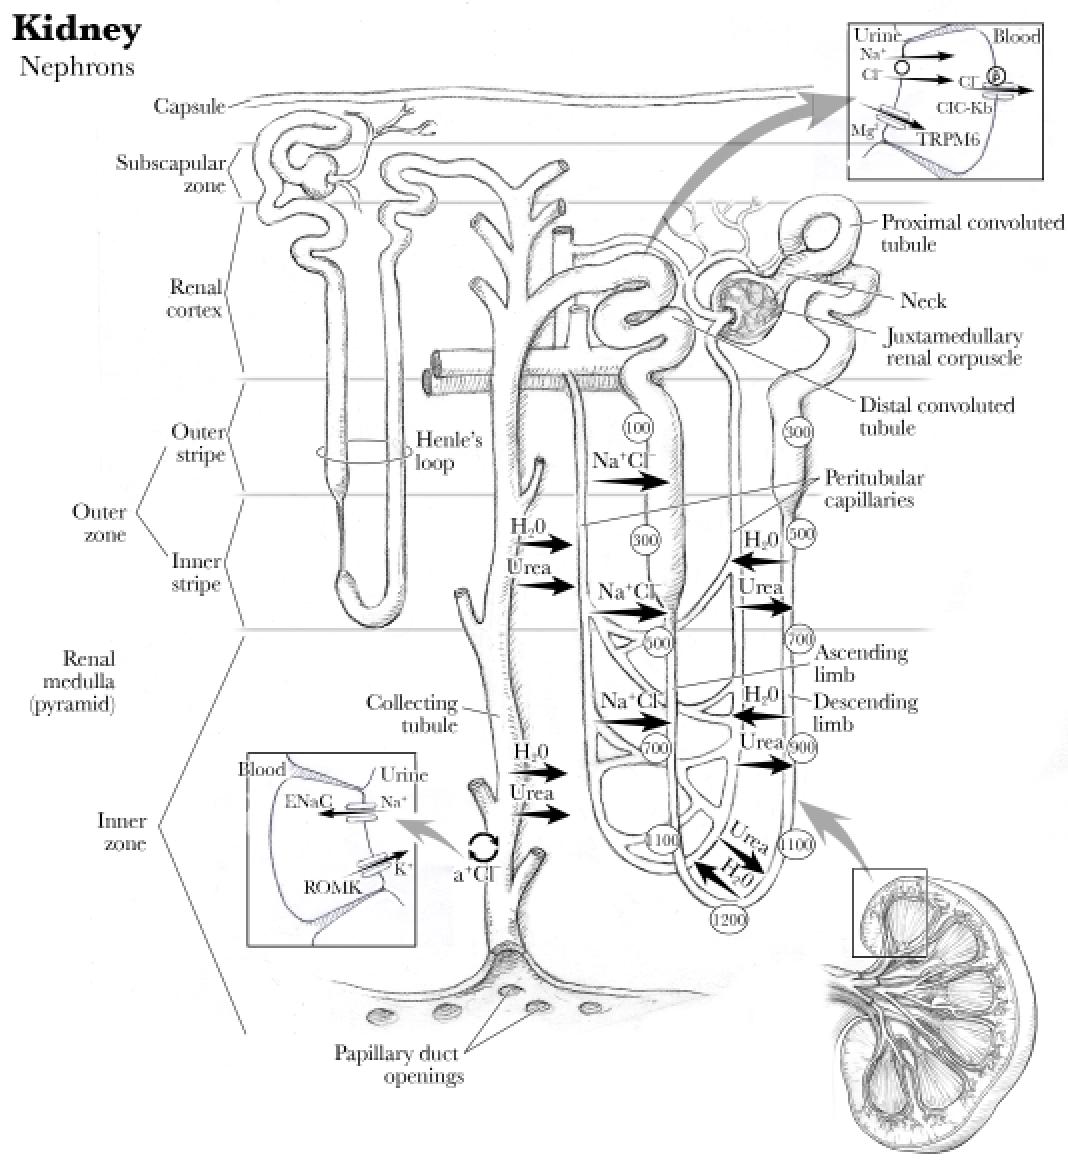 Anatomy Kidney Renal Artery Renal Vein And Ureter